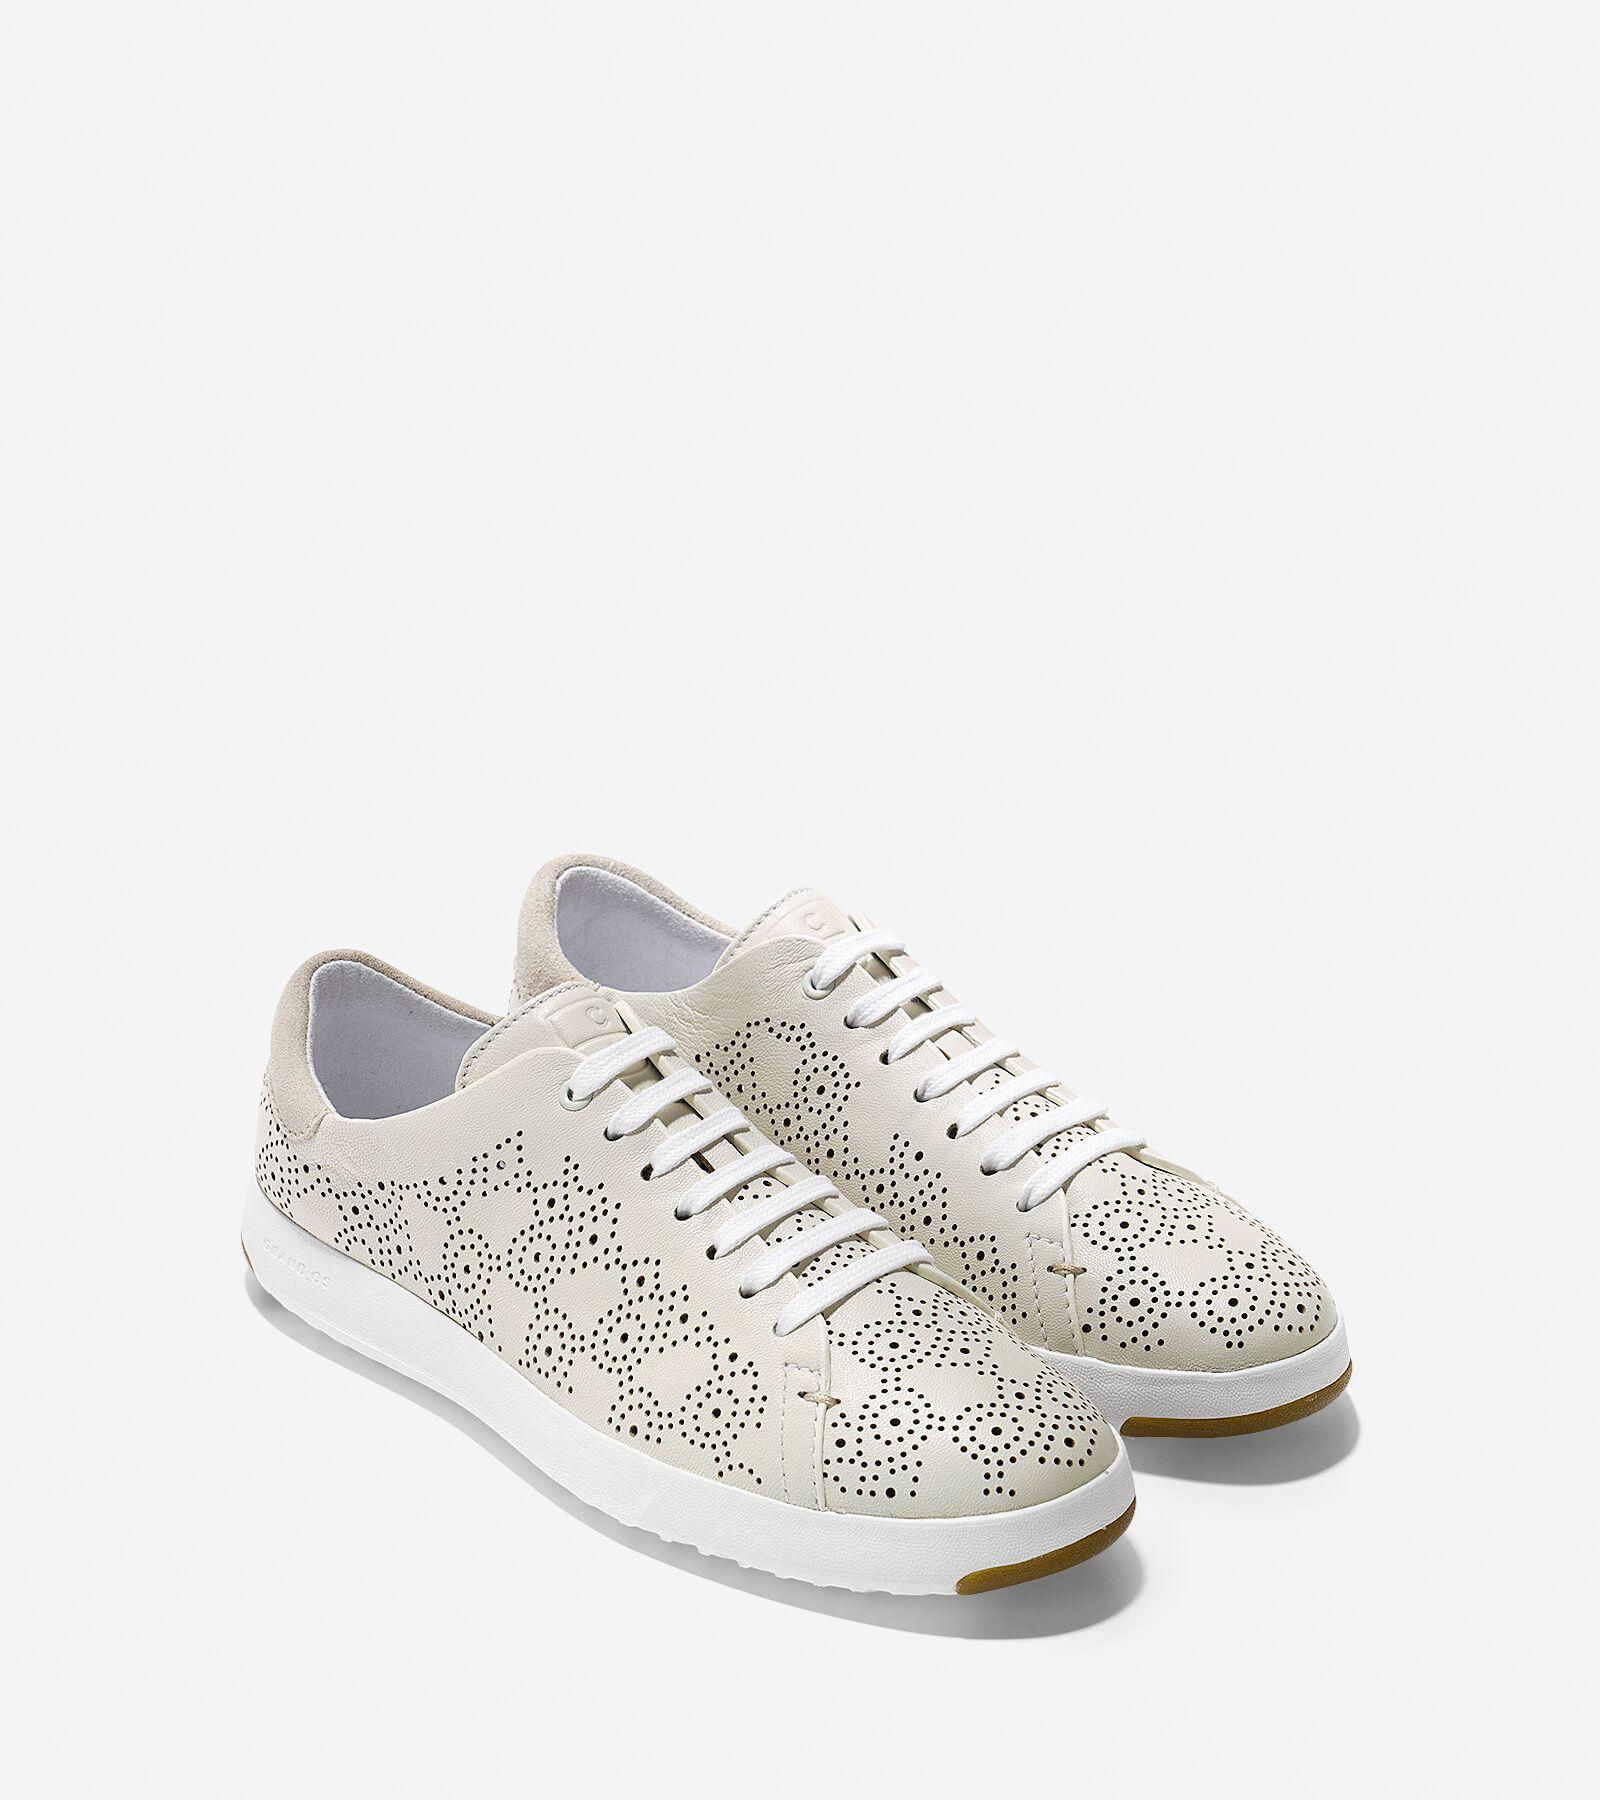 Sneaker En Cuir Perforé Cole Haan Vente De Haute Qualité 3LpJMCw